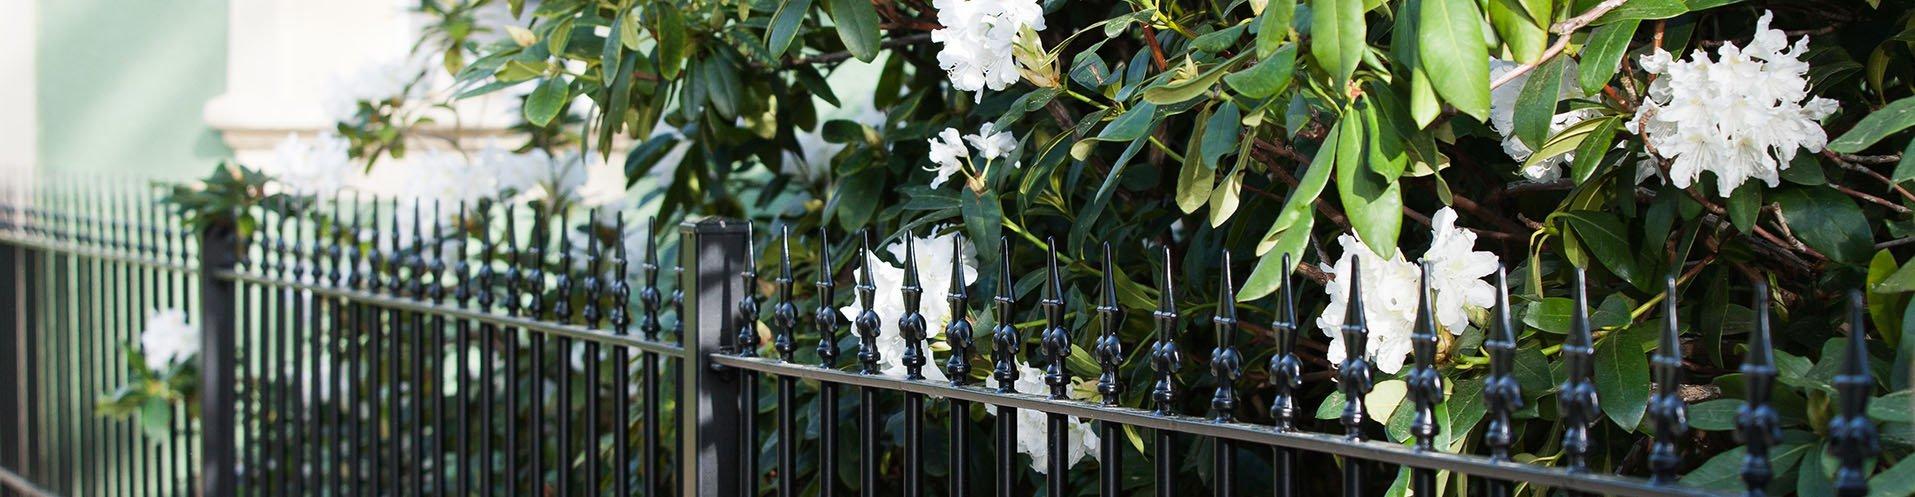 Pulverbeschichtete Gartenzäune